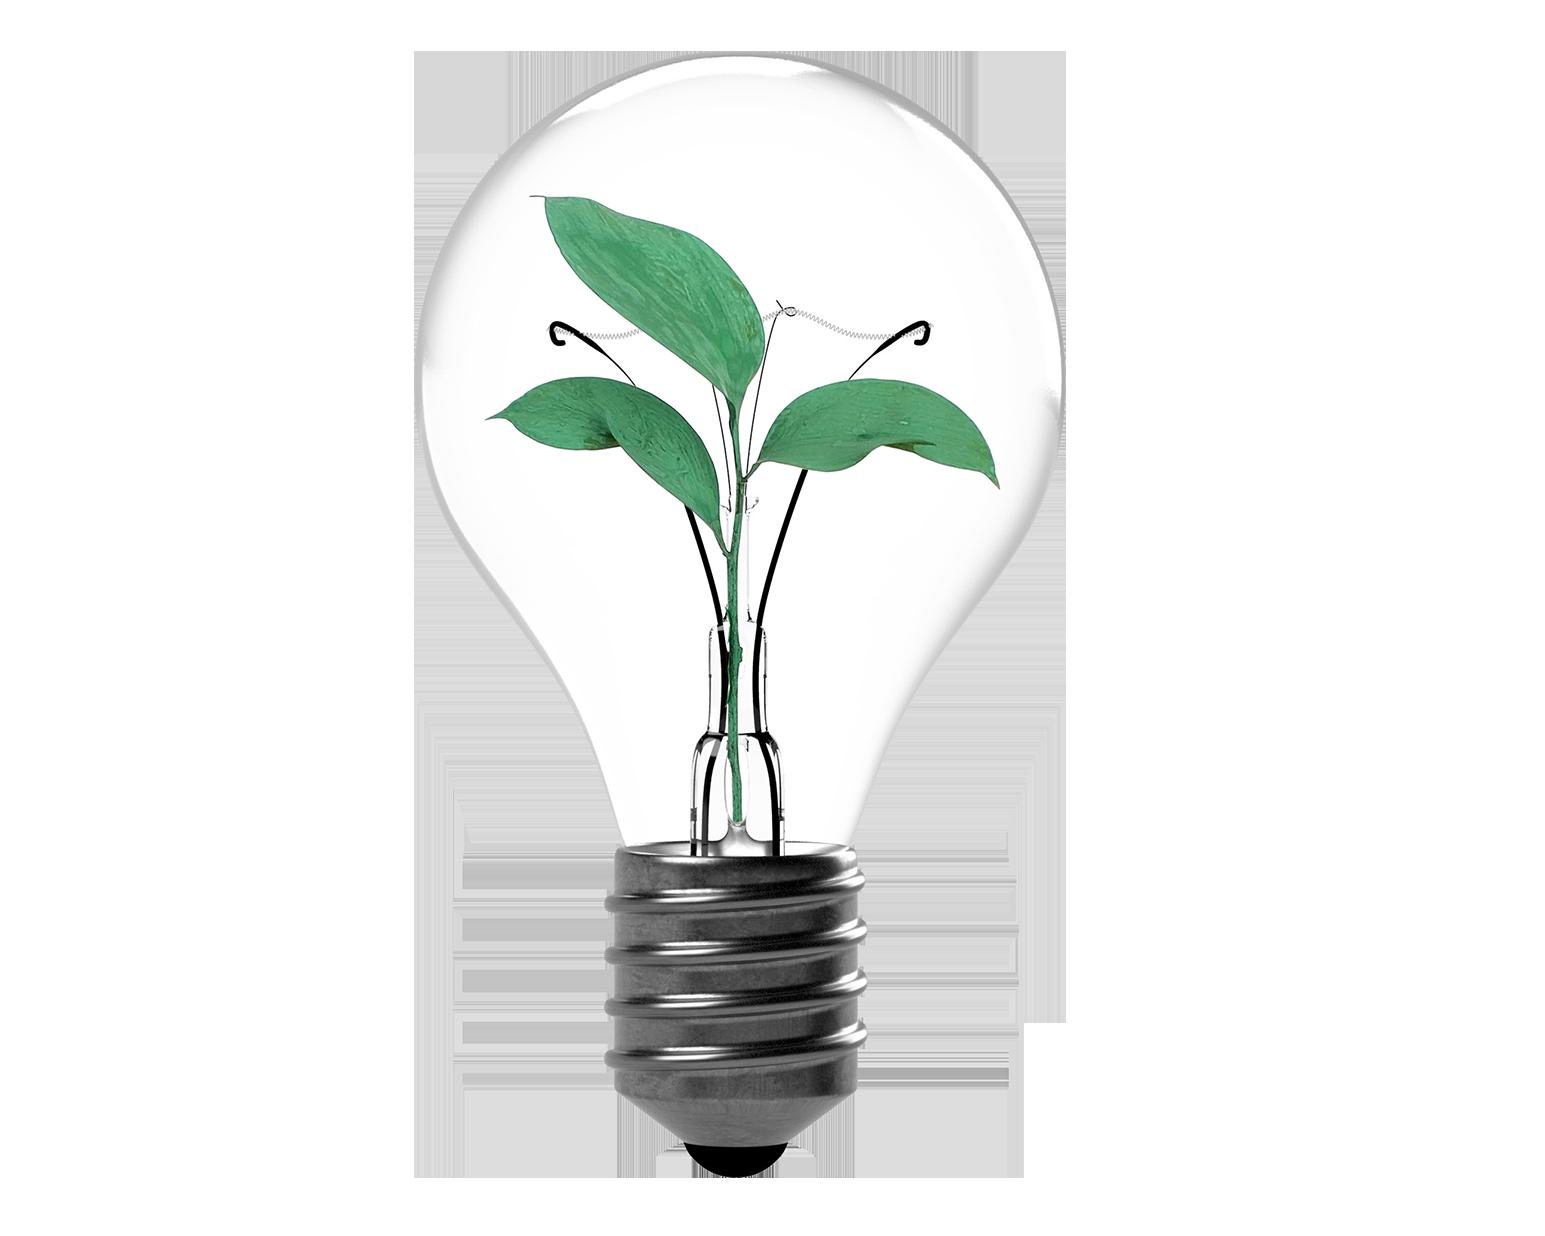 Miljöfördelar symbol